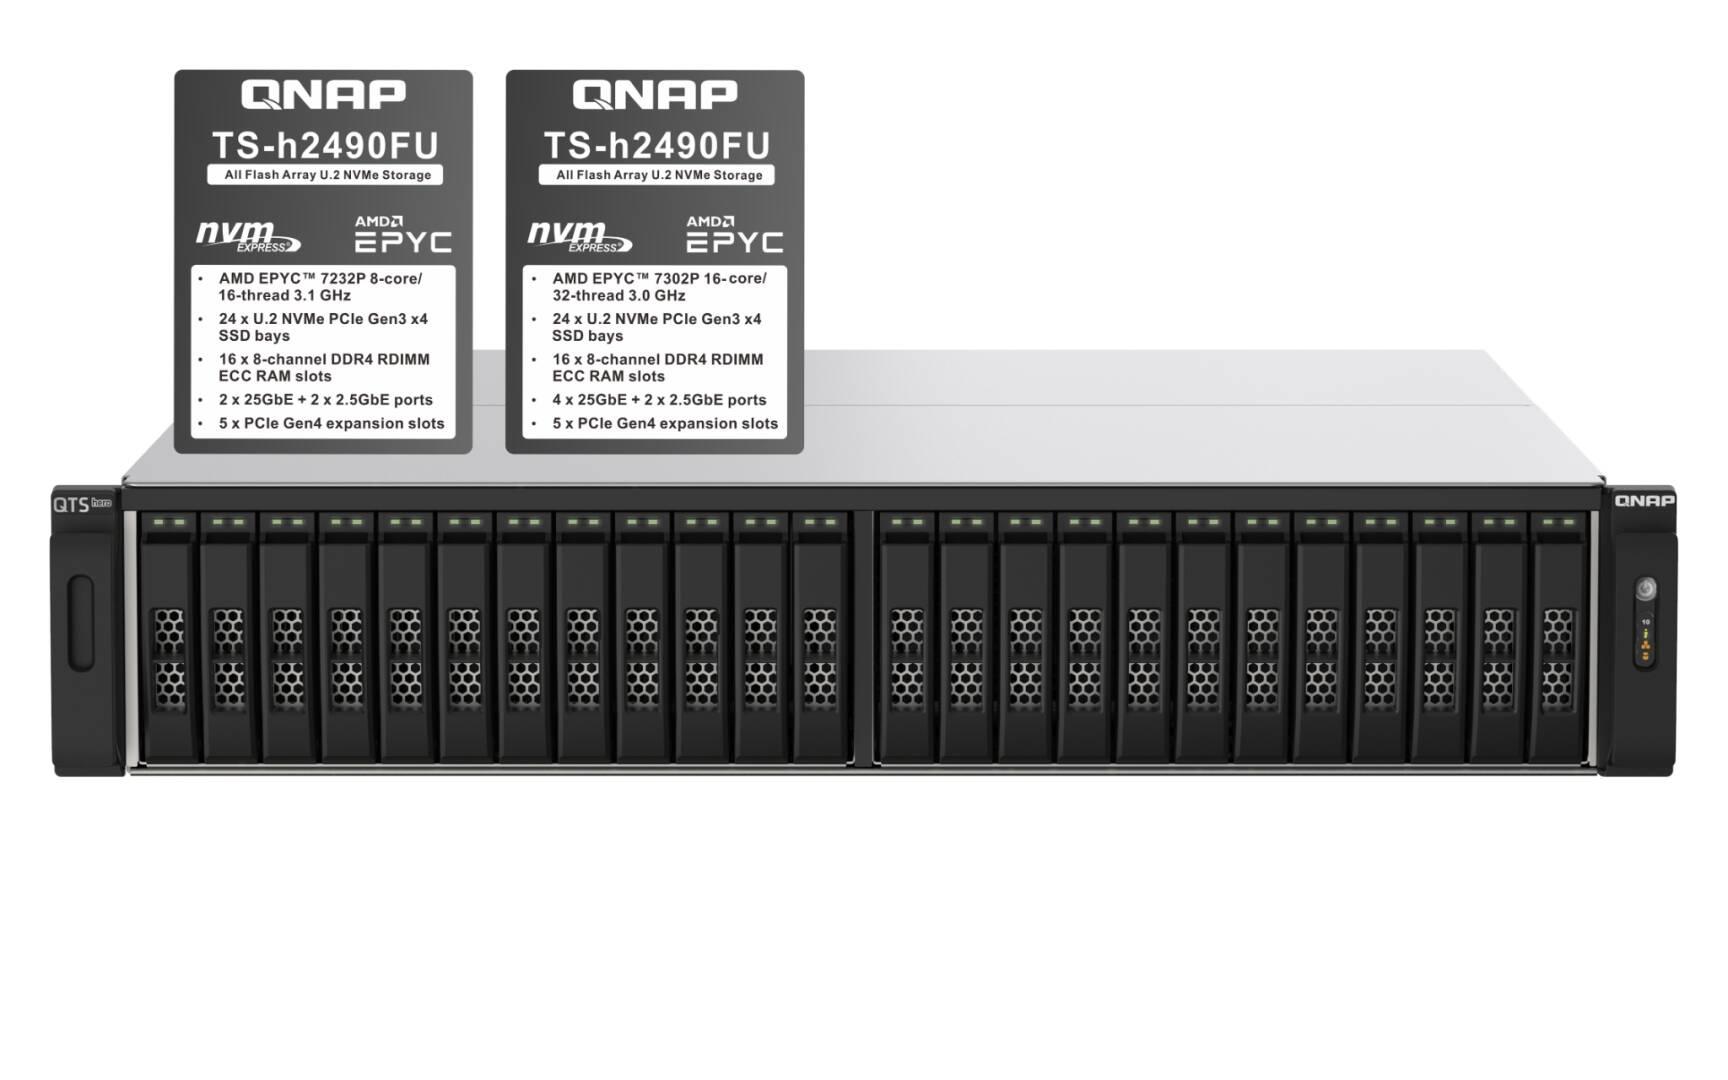 QNAP & WD TS-h2490FU